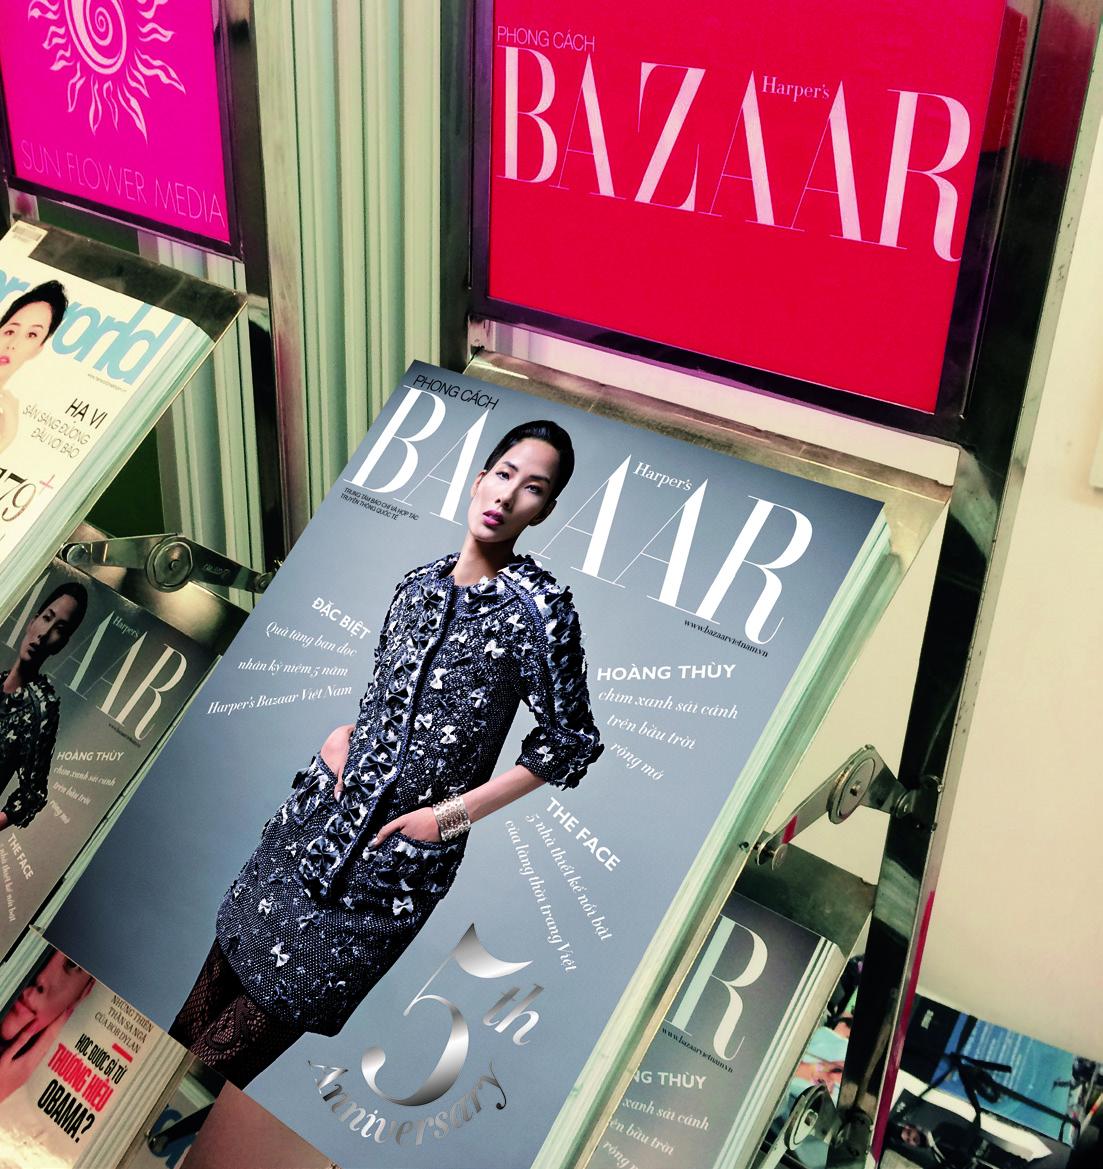 Harper's Bazaar – Đơn vị bảo trợ truyền thông chính của Fashion Colloquia